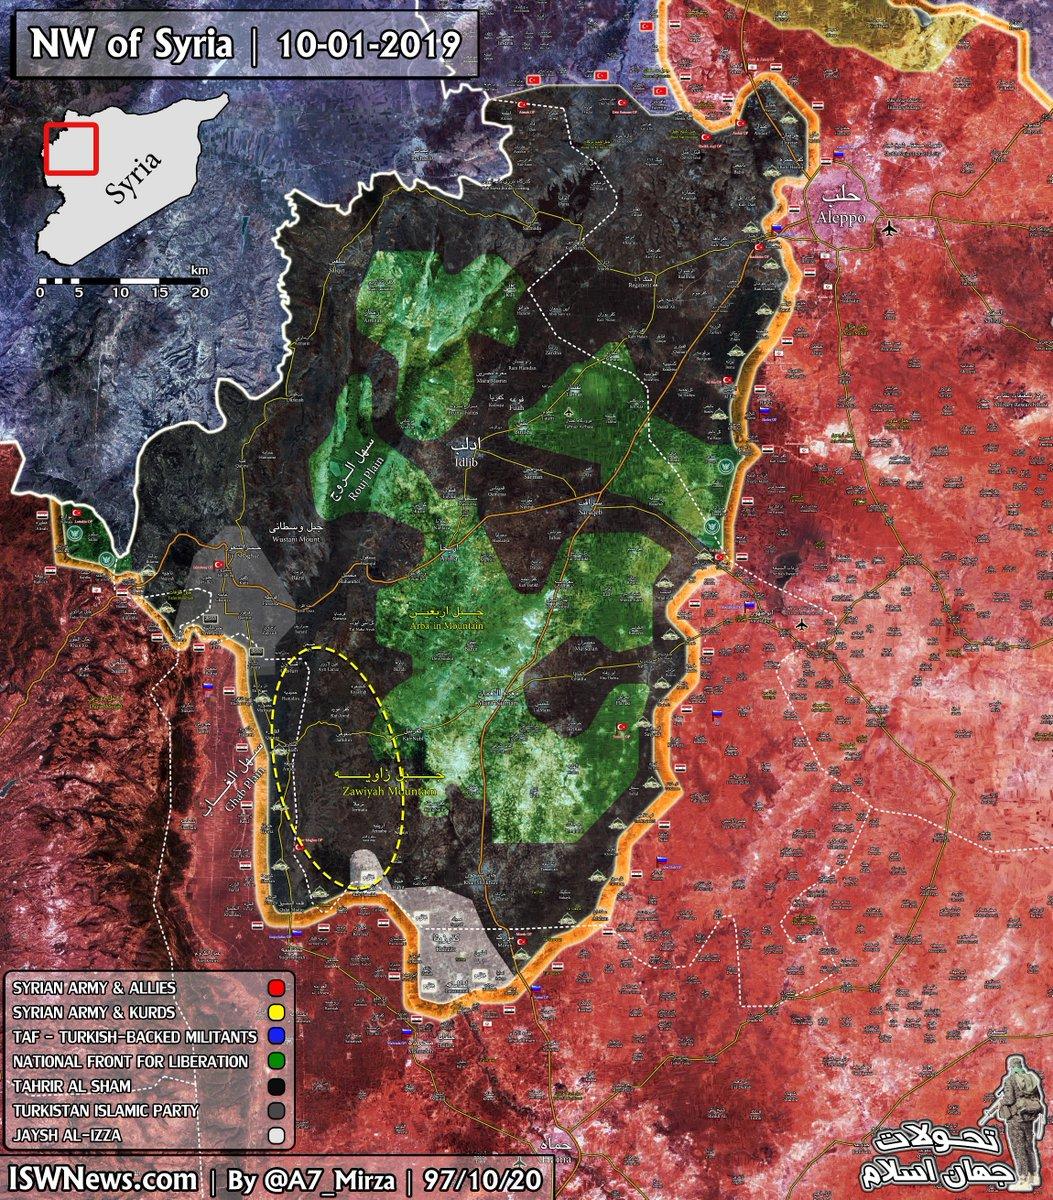 Composition des groupes rebelles de la poche d'Idlib Source : ISW News